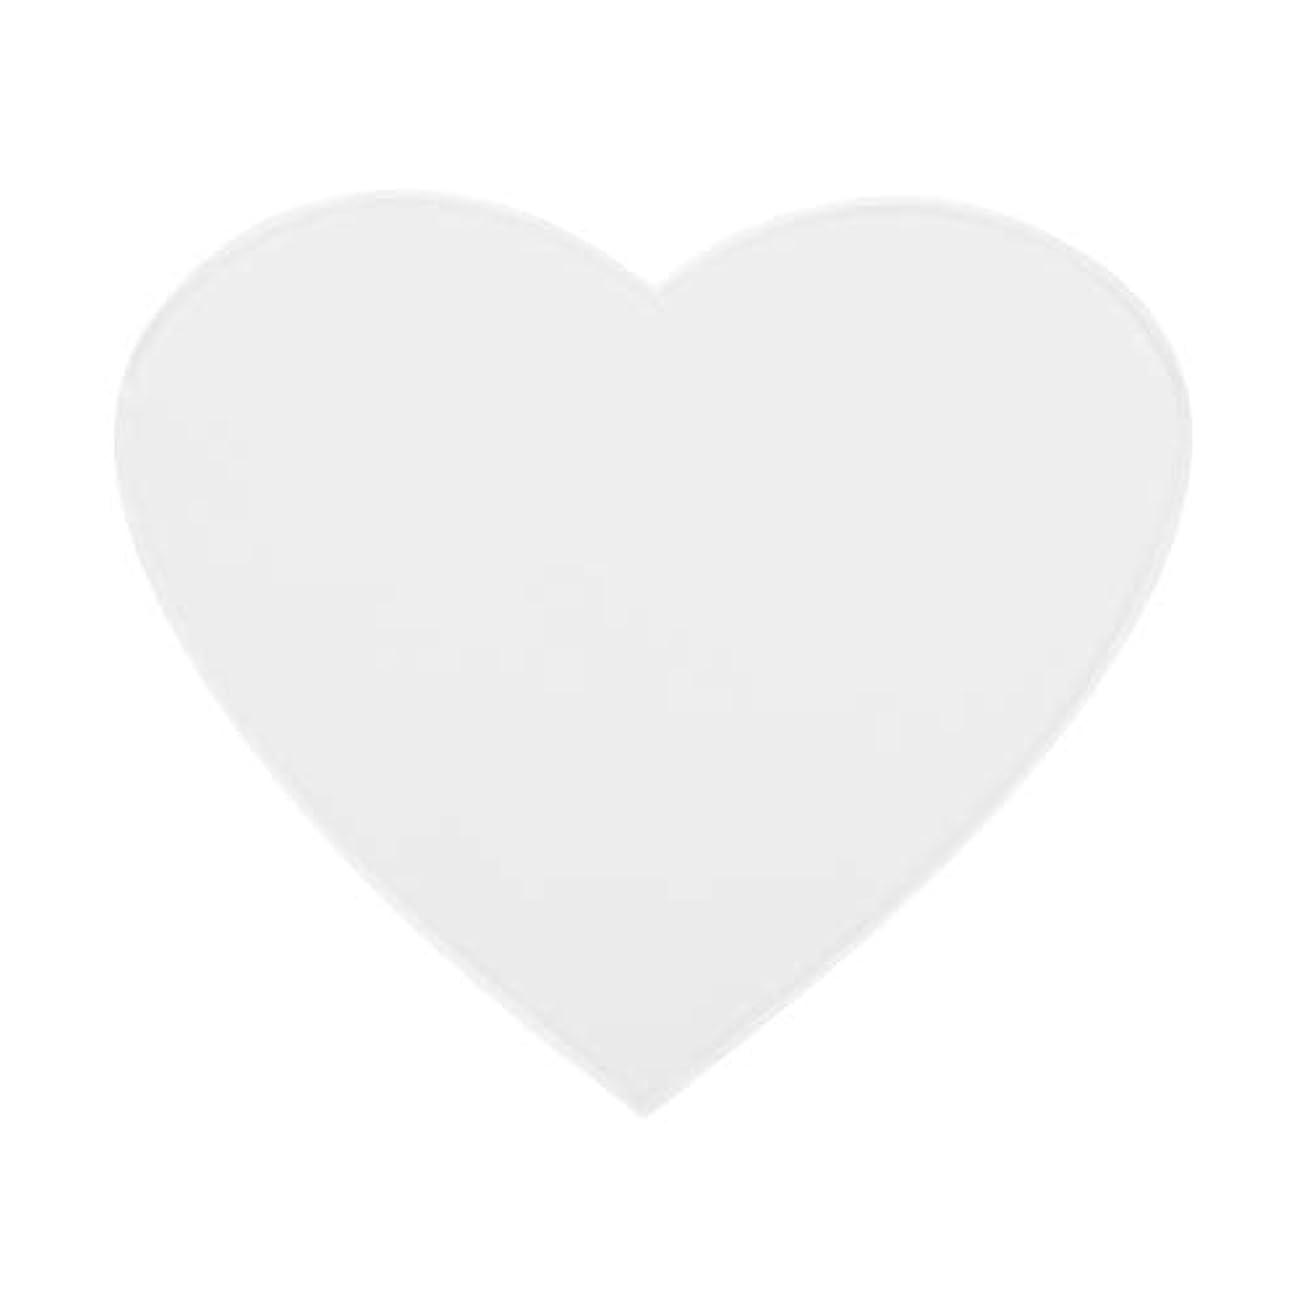 最後に機械的にデッキアンチリンクルシリコンチェストパッドケア再利用可能パッド(心臓)